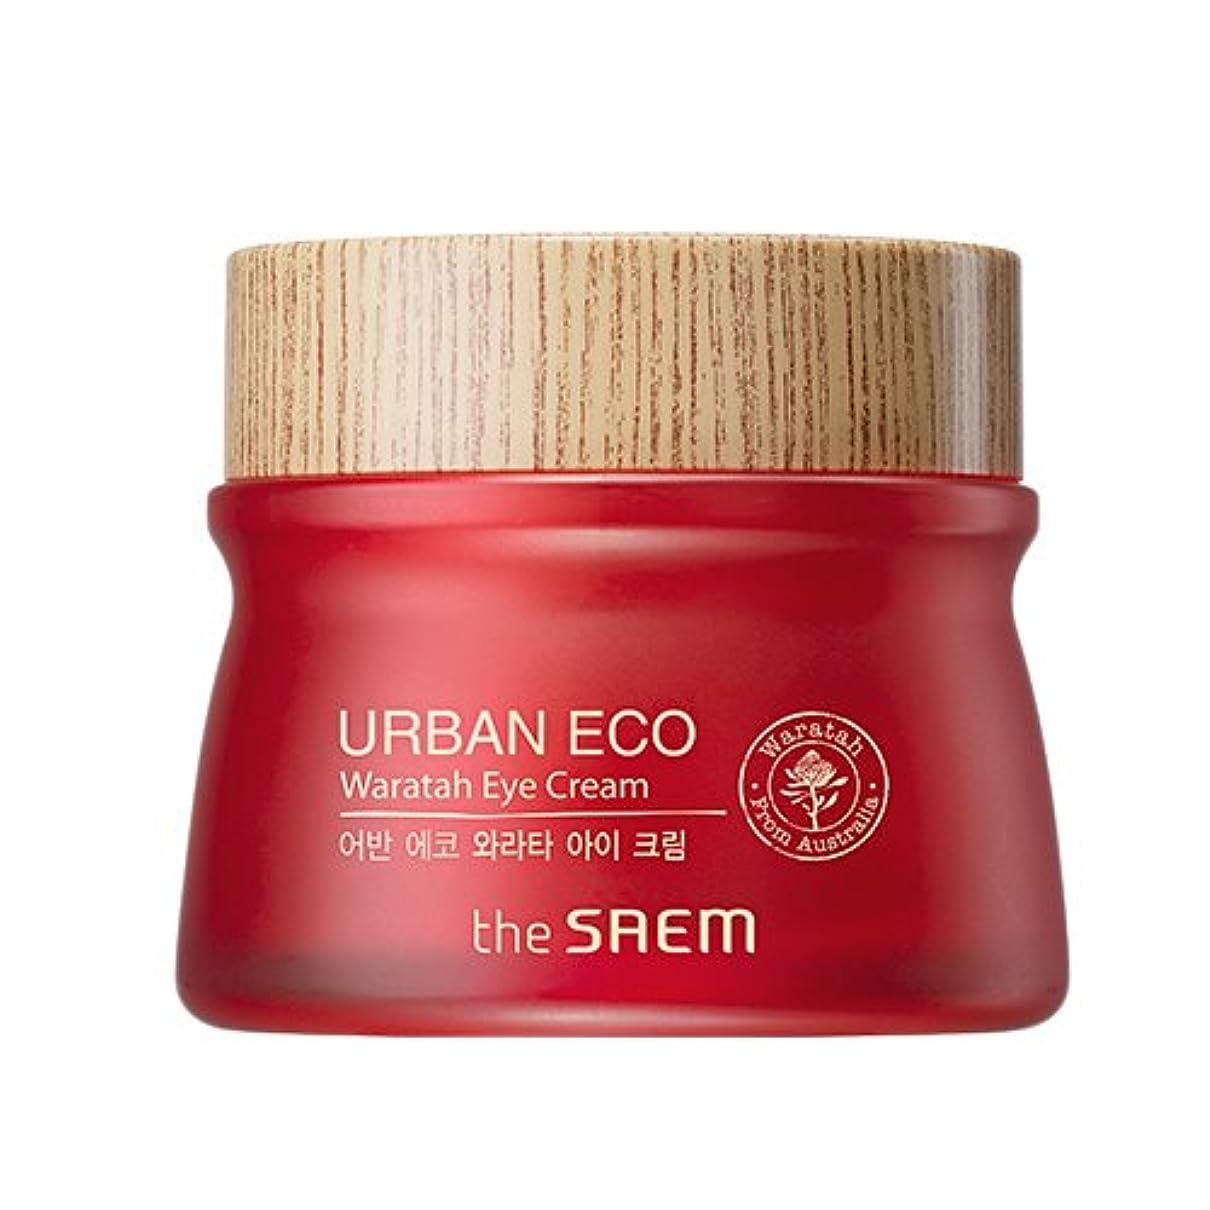 バーチャルレッスン浸すドセム アーバンエコワラターアイクリーム 30ml Urban Eco Waratah Eye Cream [並行輸入品]